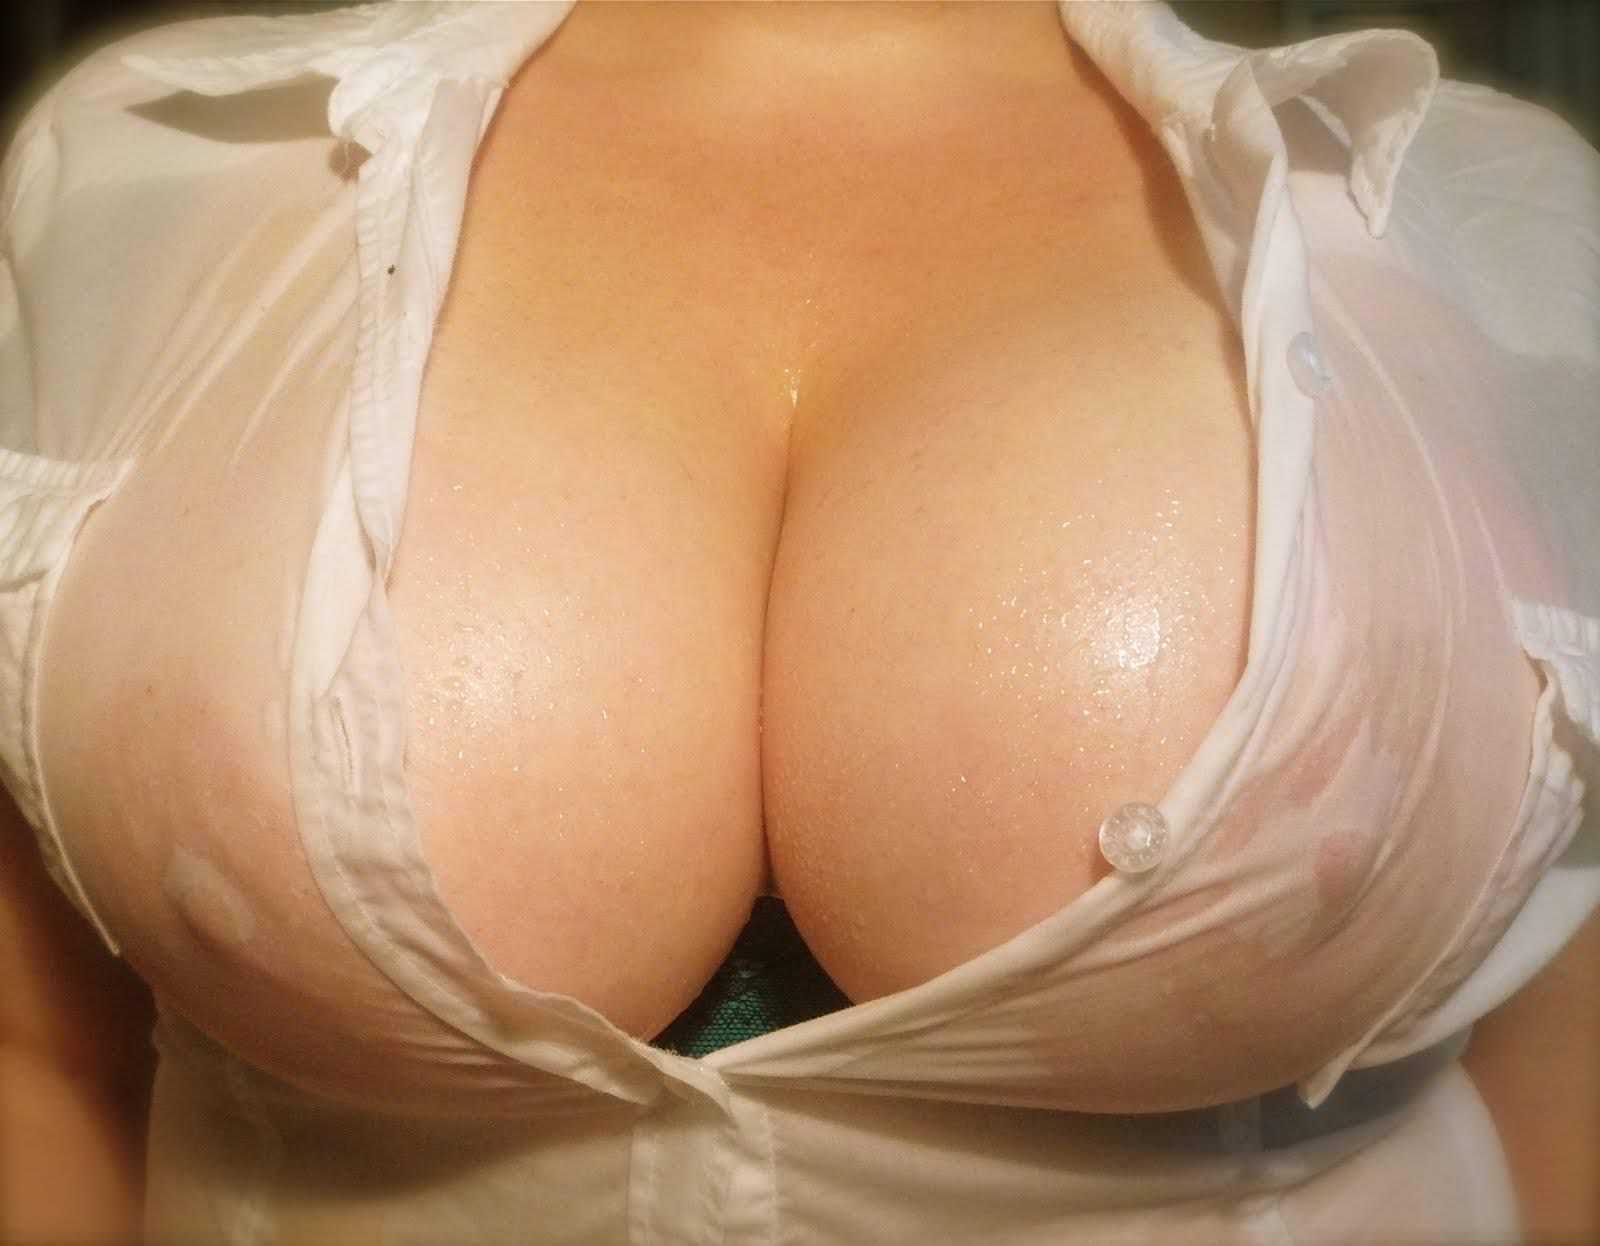 濡れシャツの透け乳首 7